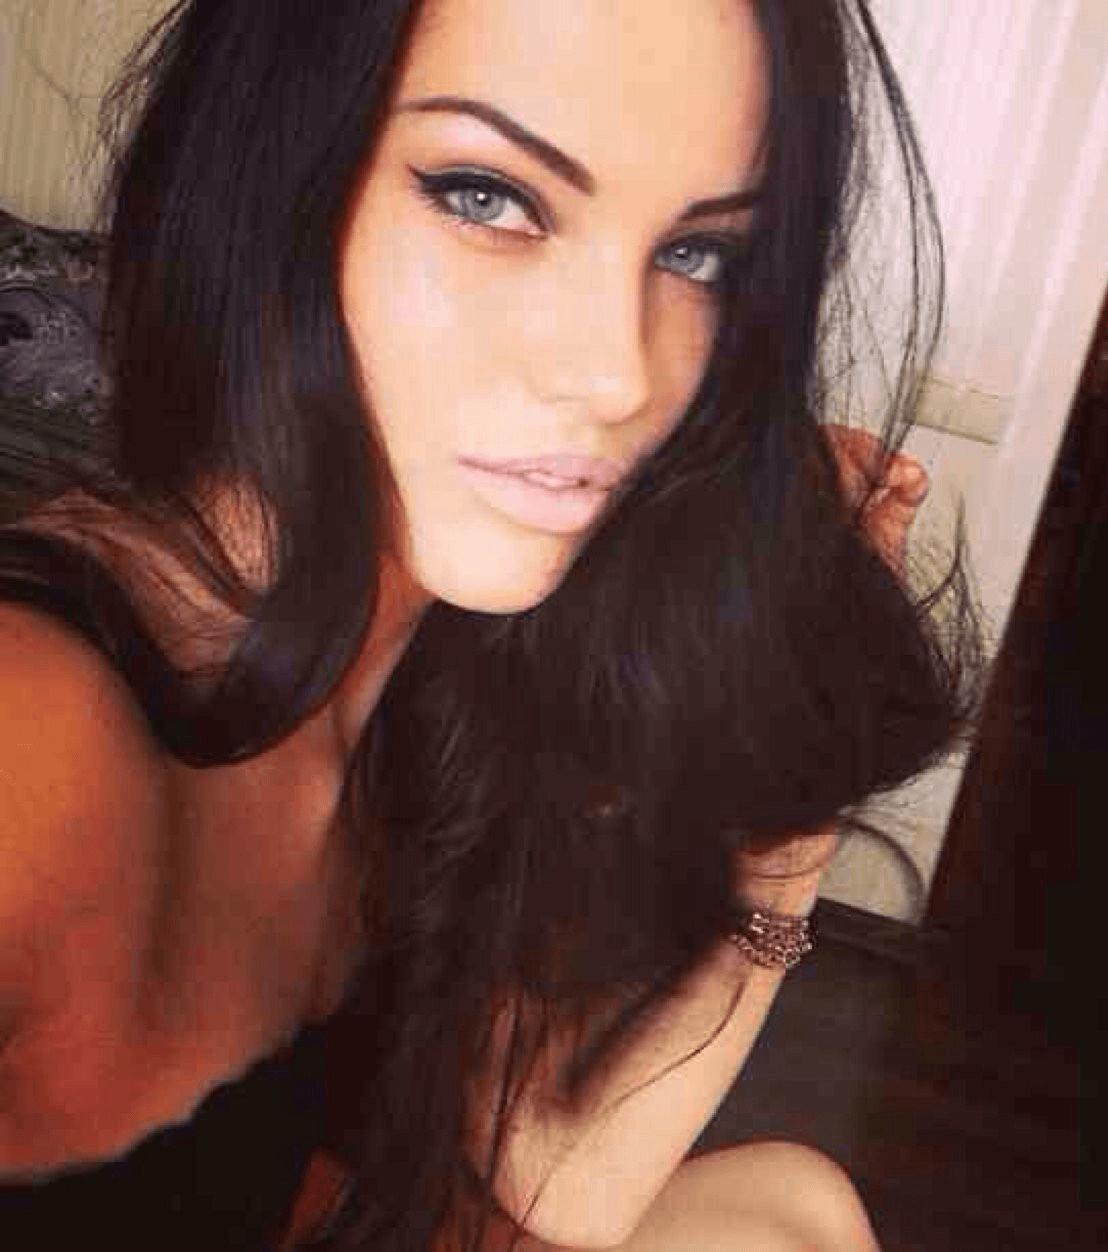 arabe porn escort girl fr